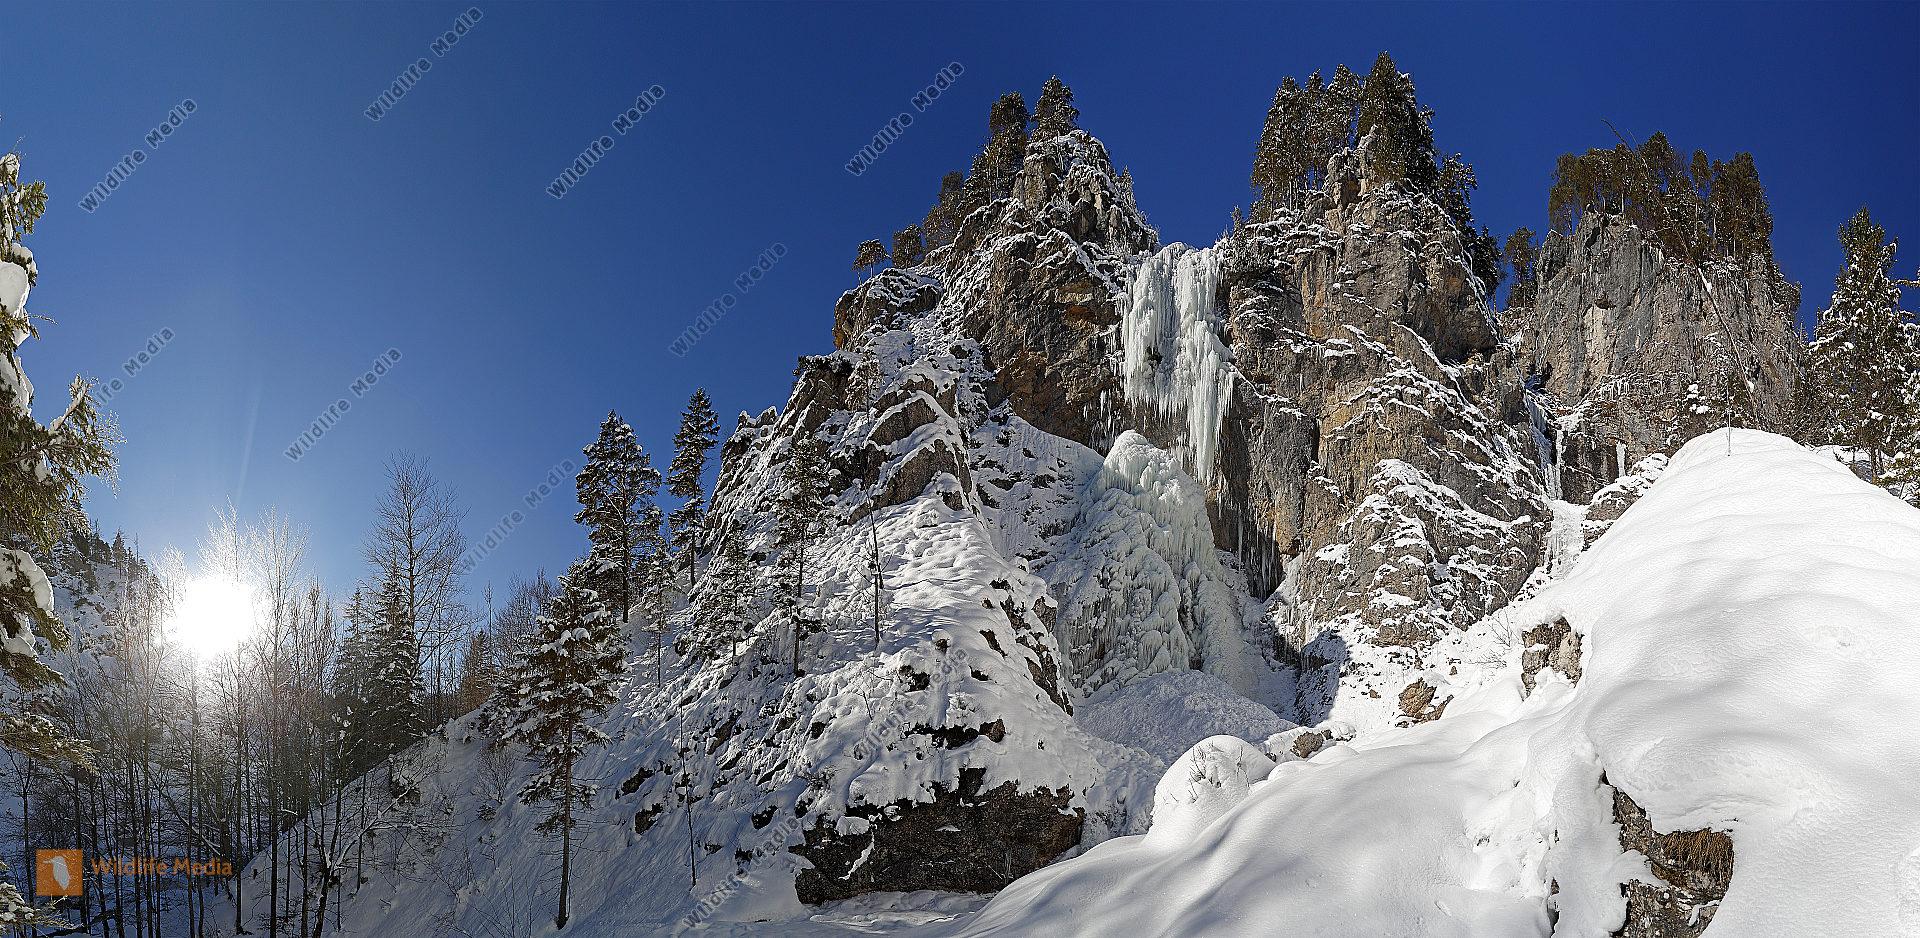 Mirafall im Winter